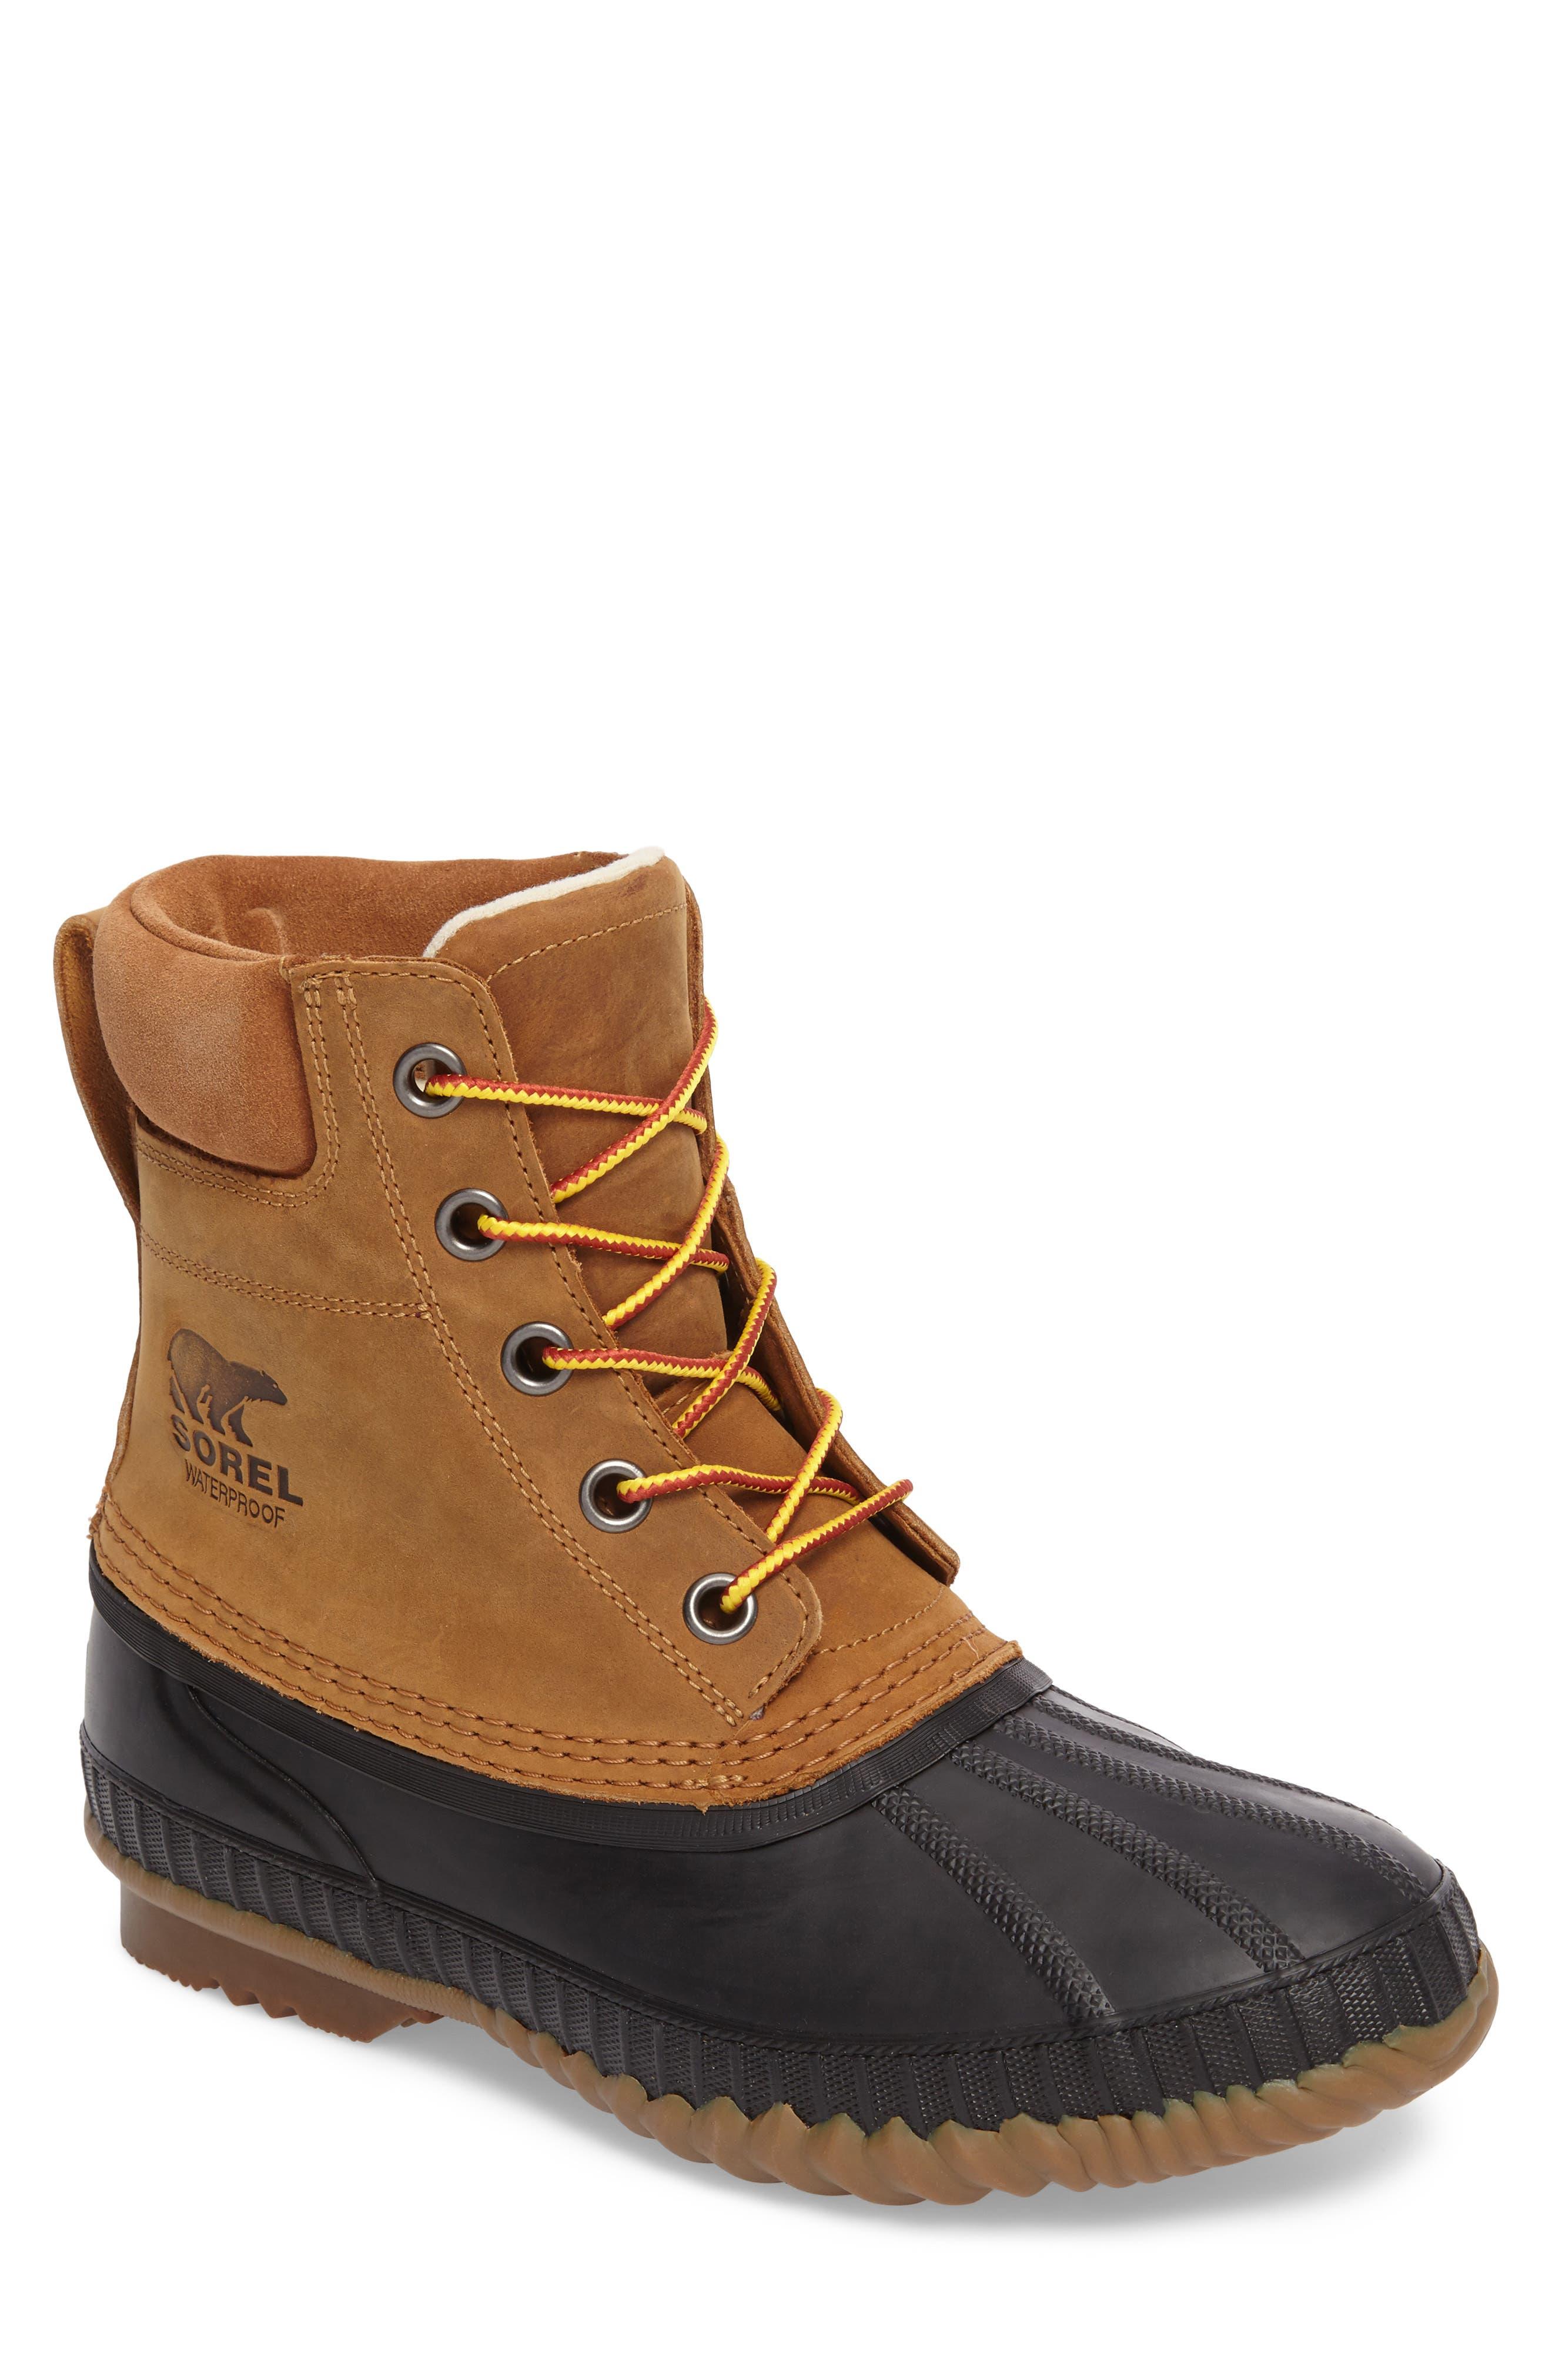 Alternate Image 1 Selected - Sorel Cheyanne II Waterpoof Boot (Men)